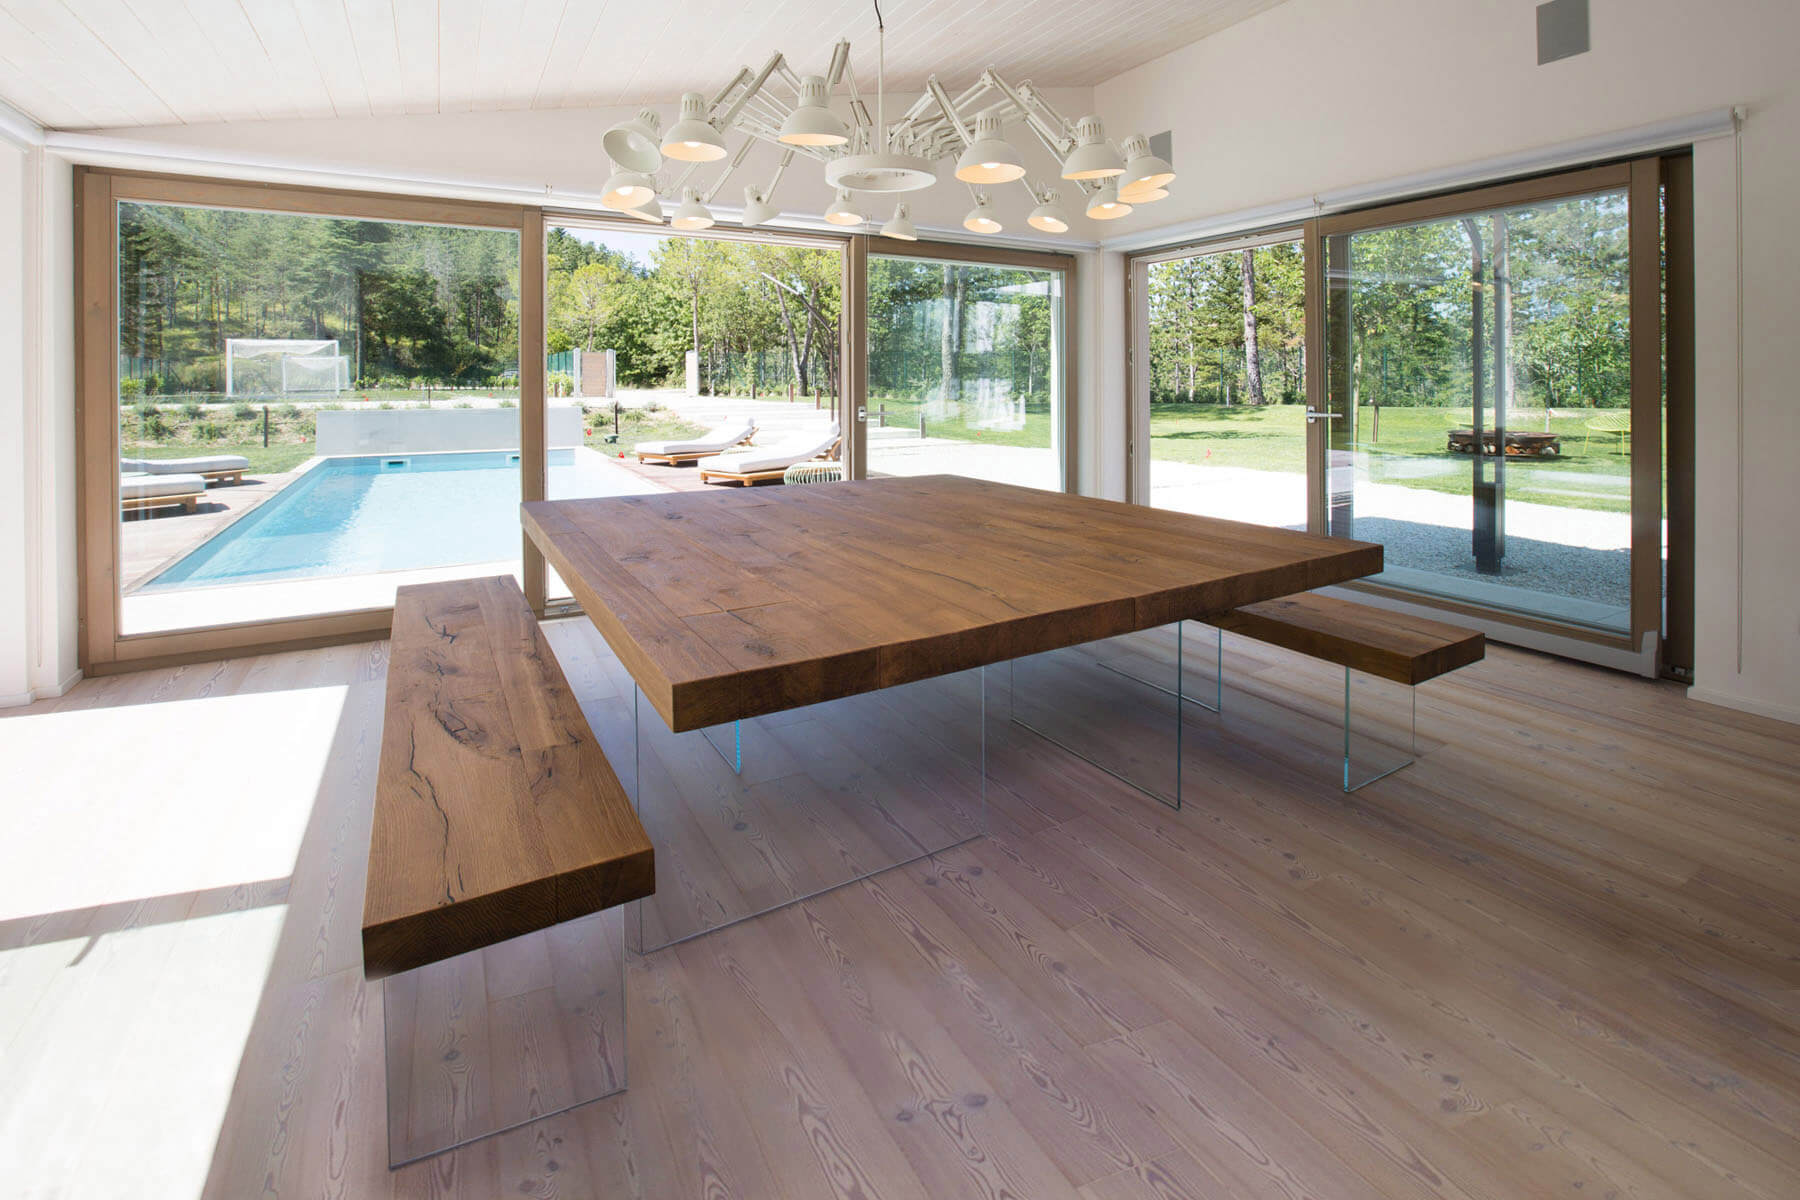 Marini Home Design rivenditore a Roma dei Mobili Lago   Marini Home ...